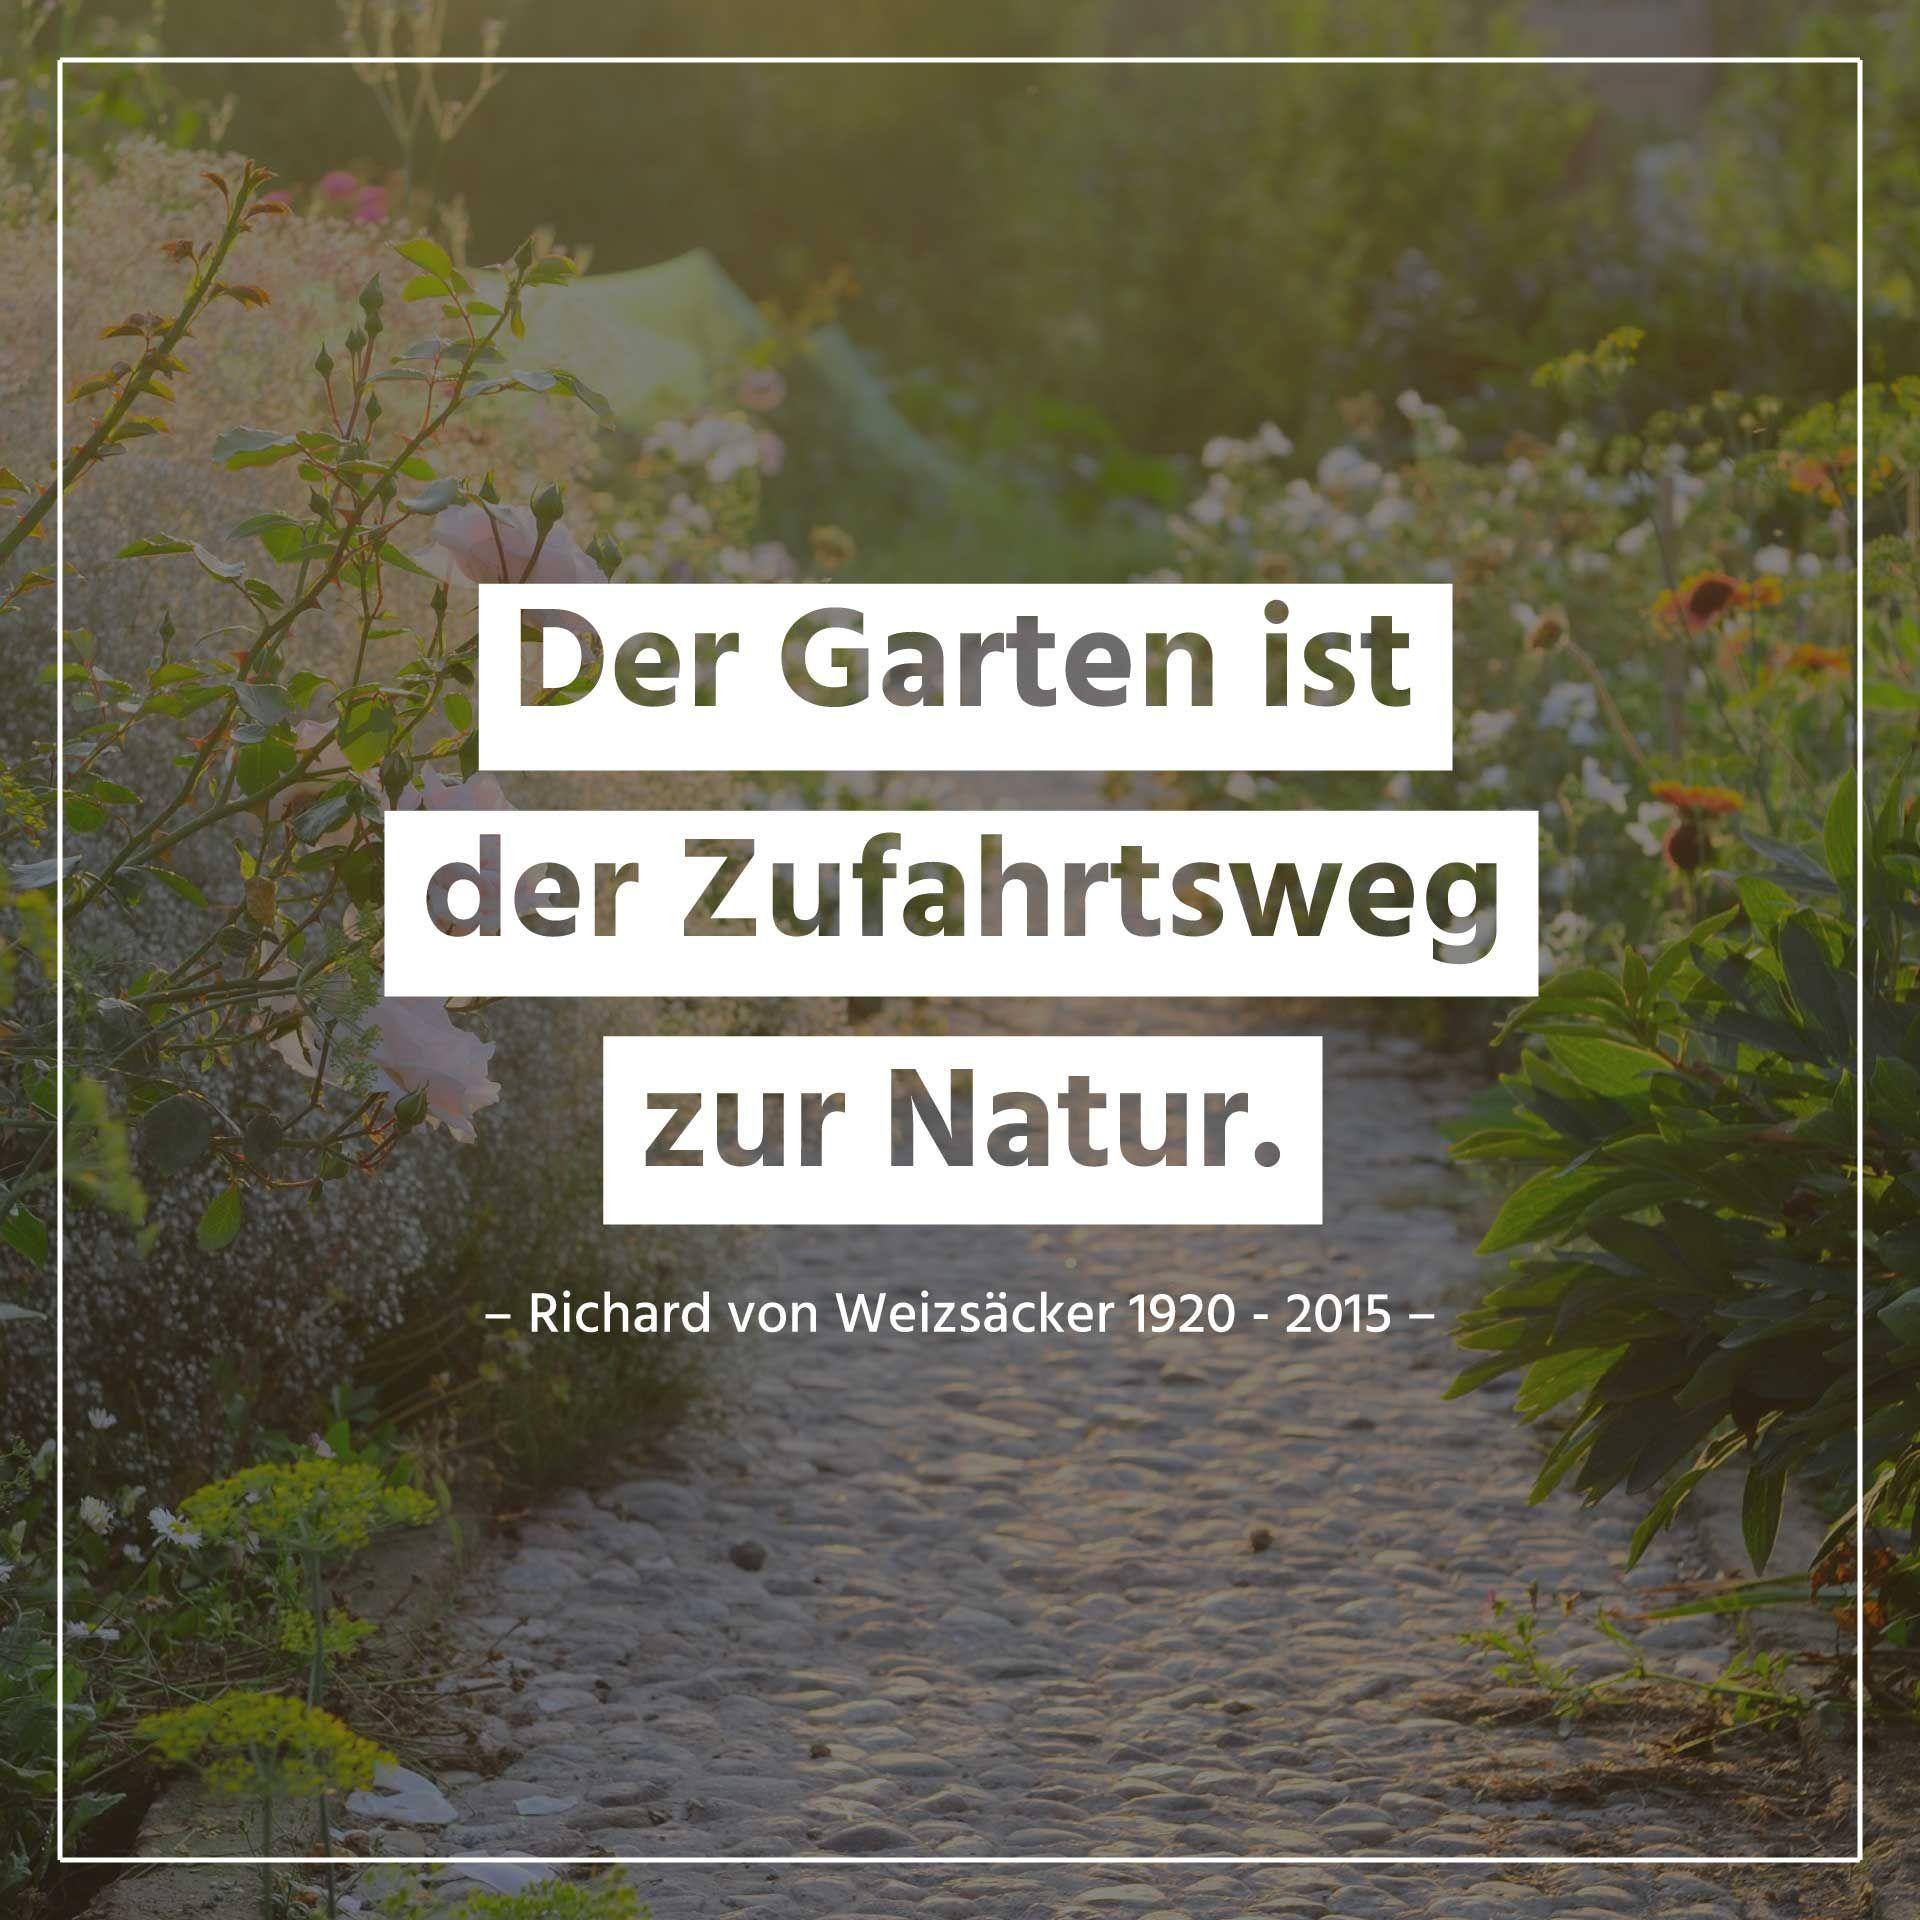 Zitate Lebensweisheiten Und Die Besten Spruche Fur Den Garten Zitate Coole Spruche Lustige Spruche